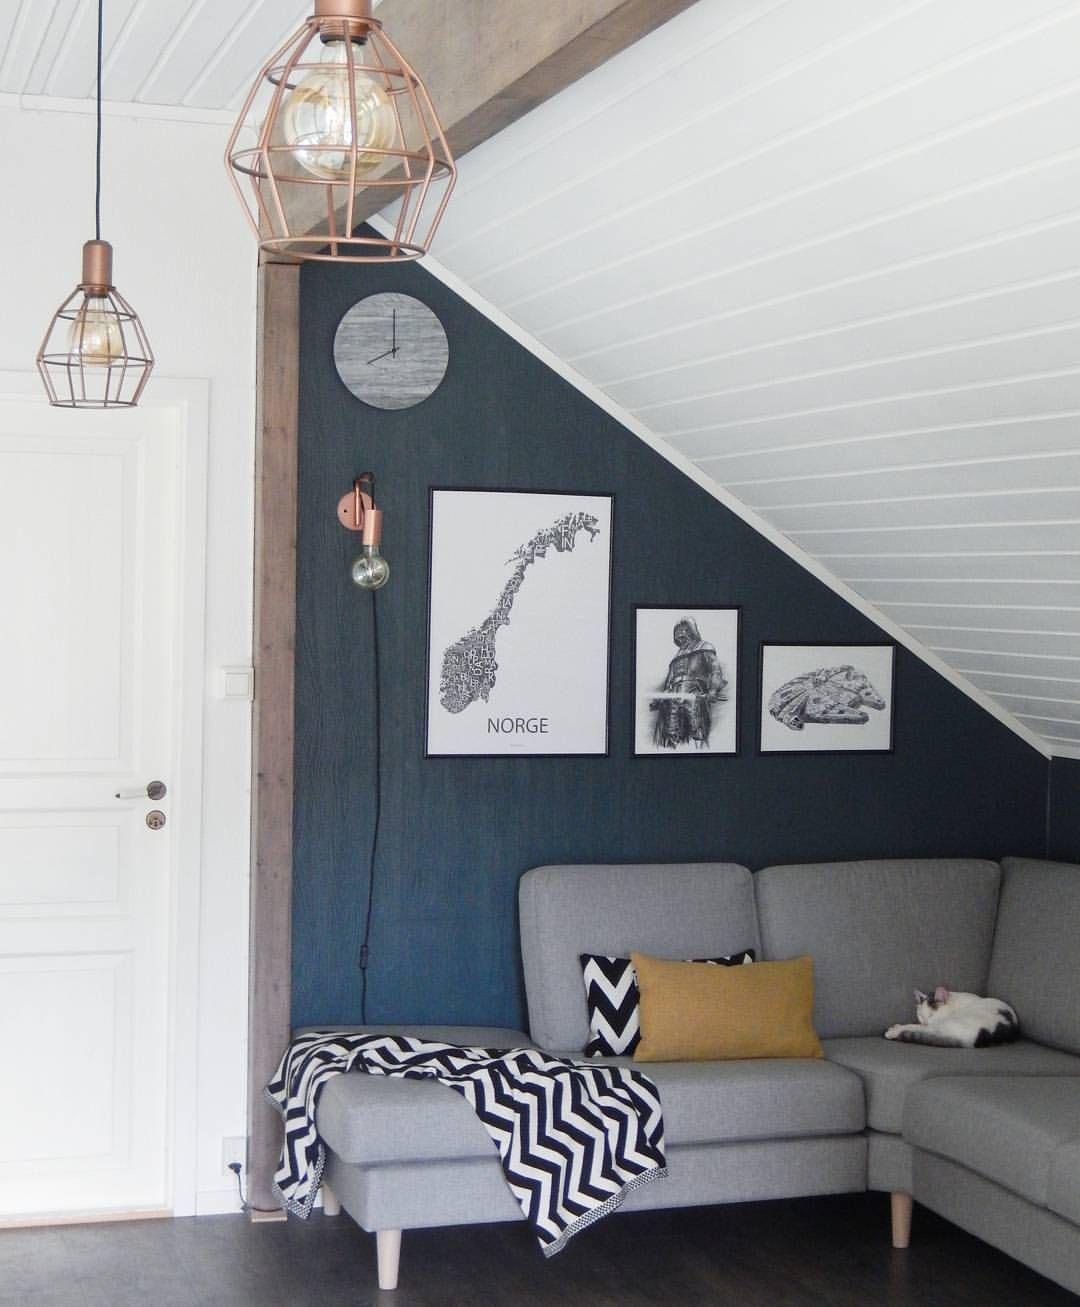 """Når kona får en """"lur idé"""" og mannen et nytt maleroppdrag: Fargen Oslo fra Jotun har kommet på veggene i TV-stuen   _______________________________________  #interior #interiør #Jotun #oslo #nordiskehjem #nordiskstil #skandinaviskehem #skandinaviskehjem #designbyodd #starwars #interior9508 #interior444 #interior_and_living #instahome #lovehomeinterior"""